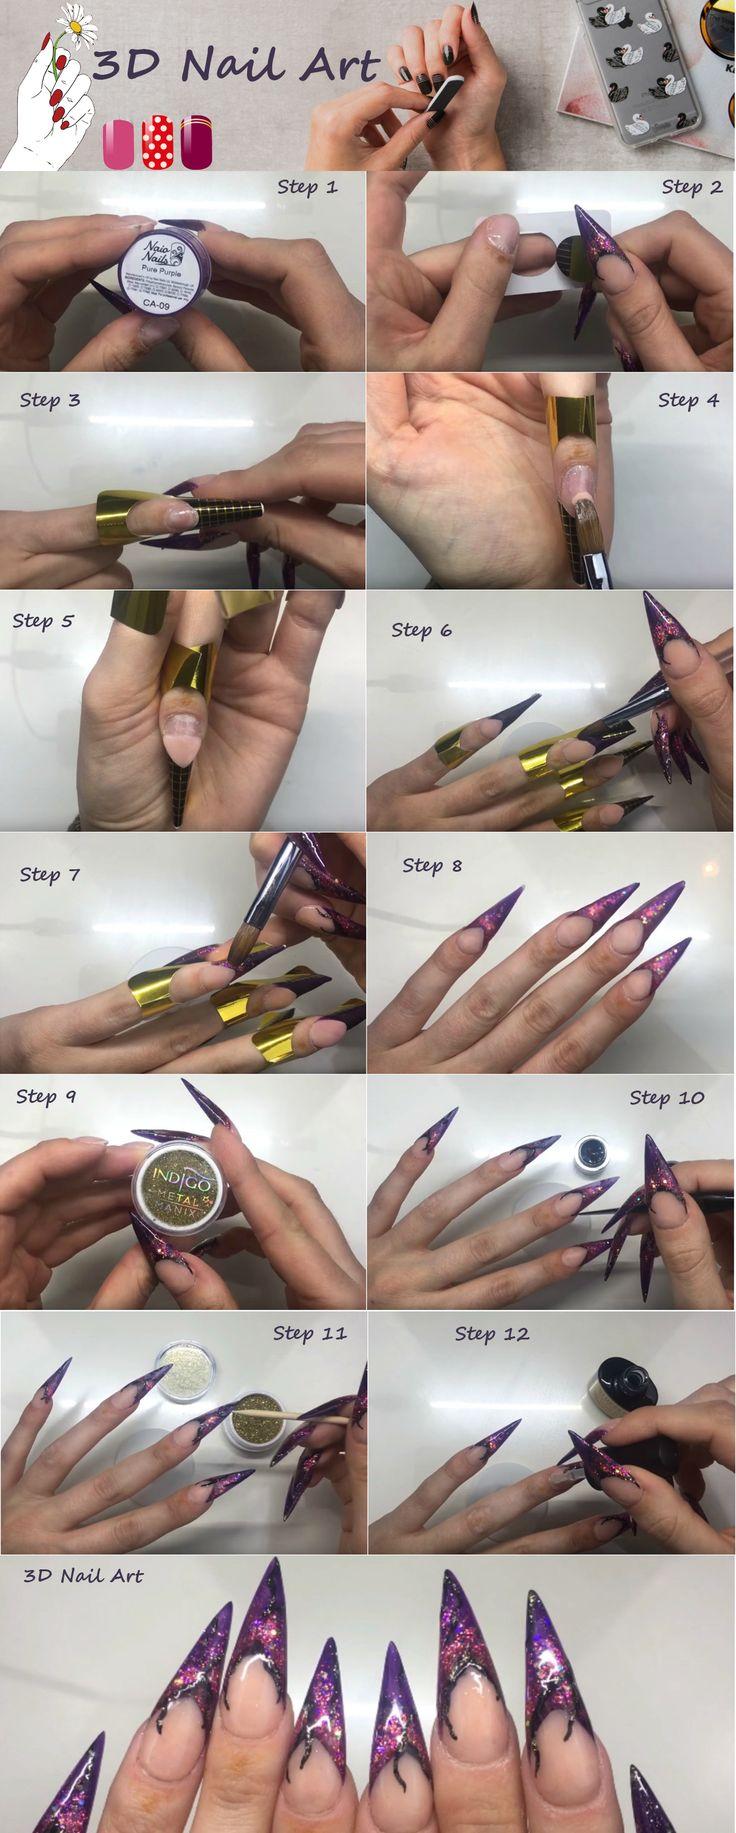 18 best Nail Arts images on Pinterest | Art nails, Nail arts and ...